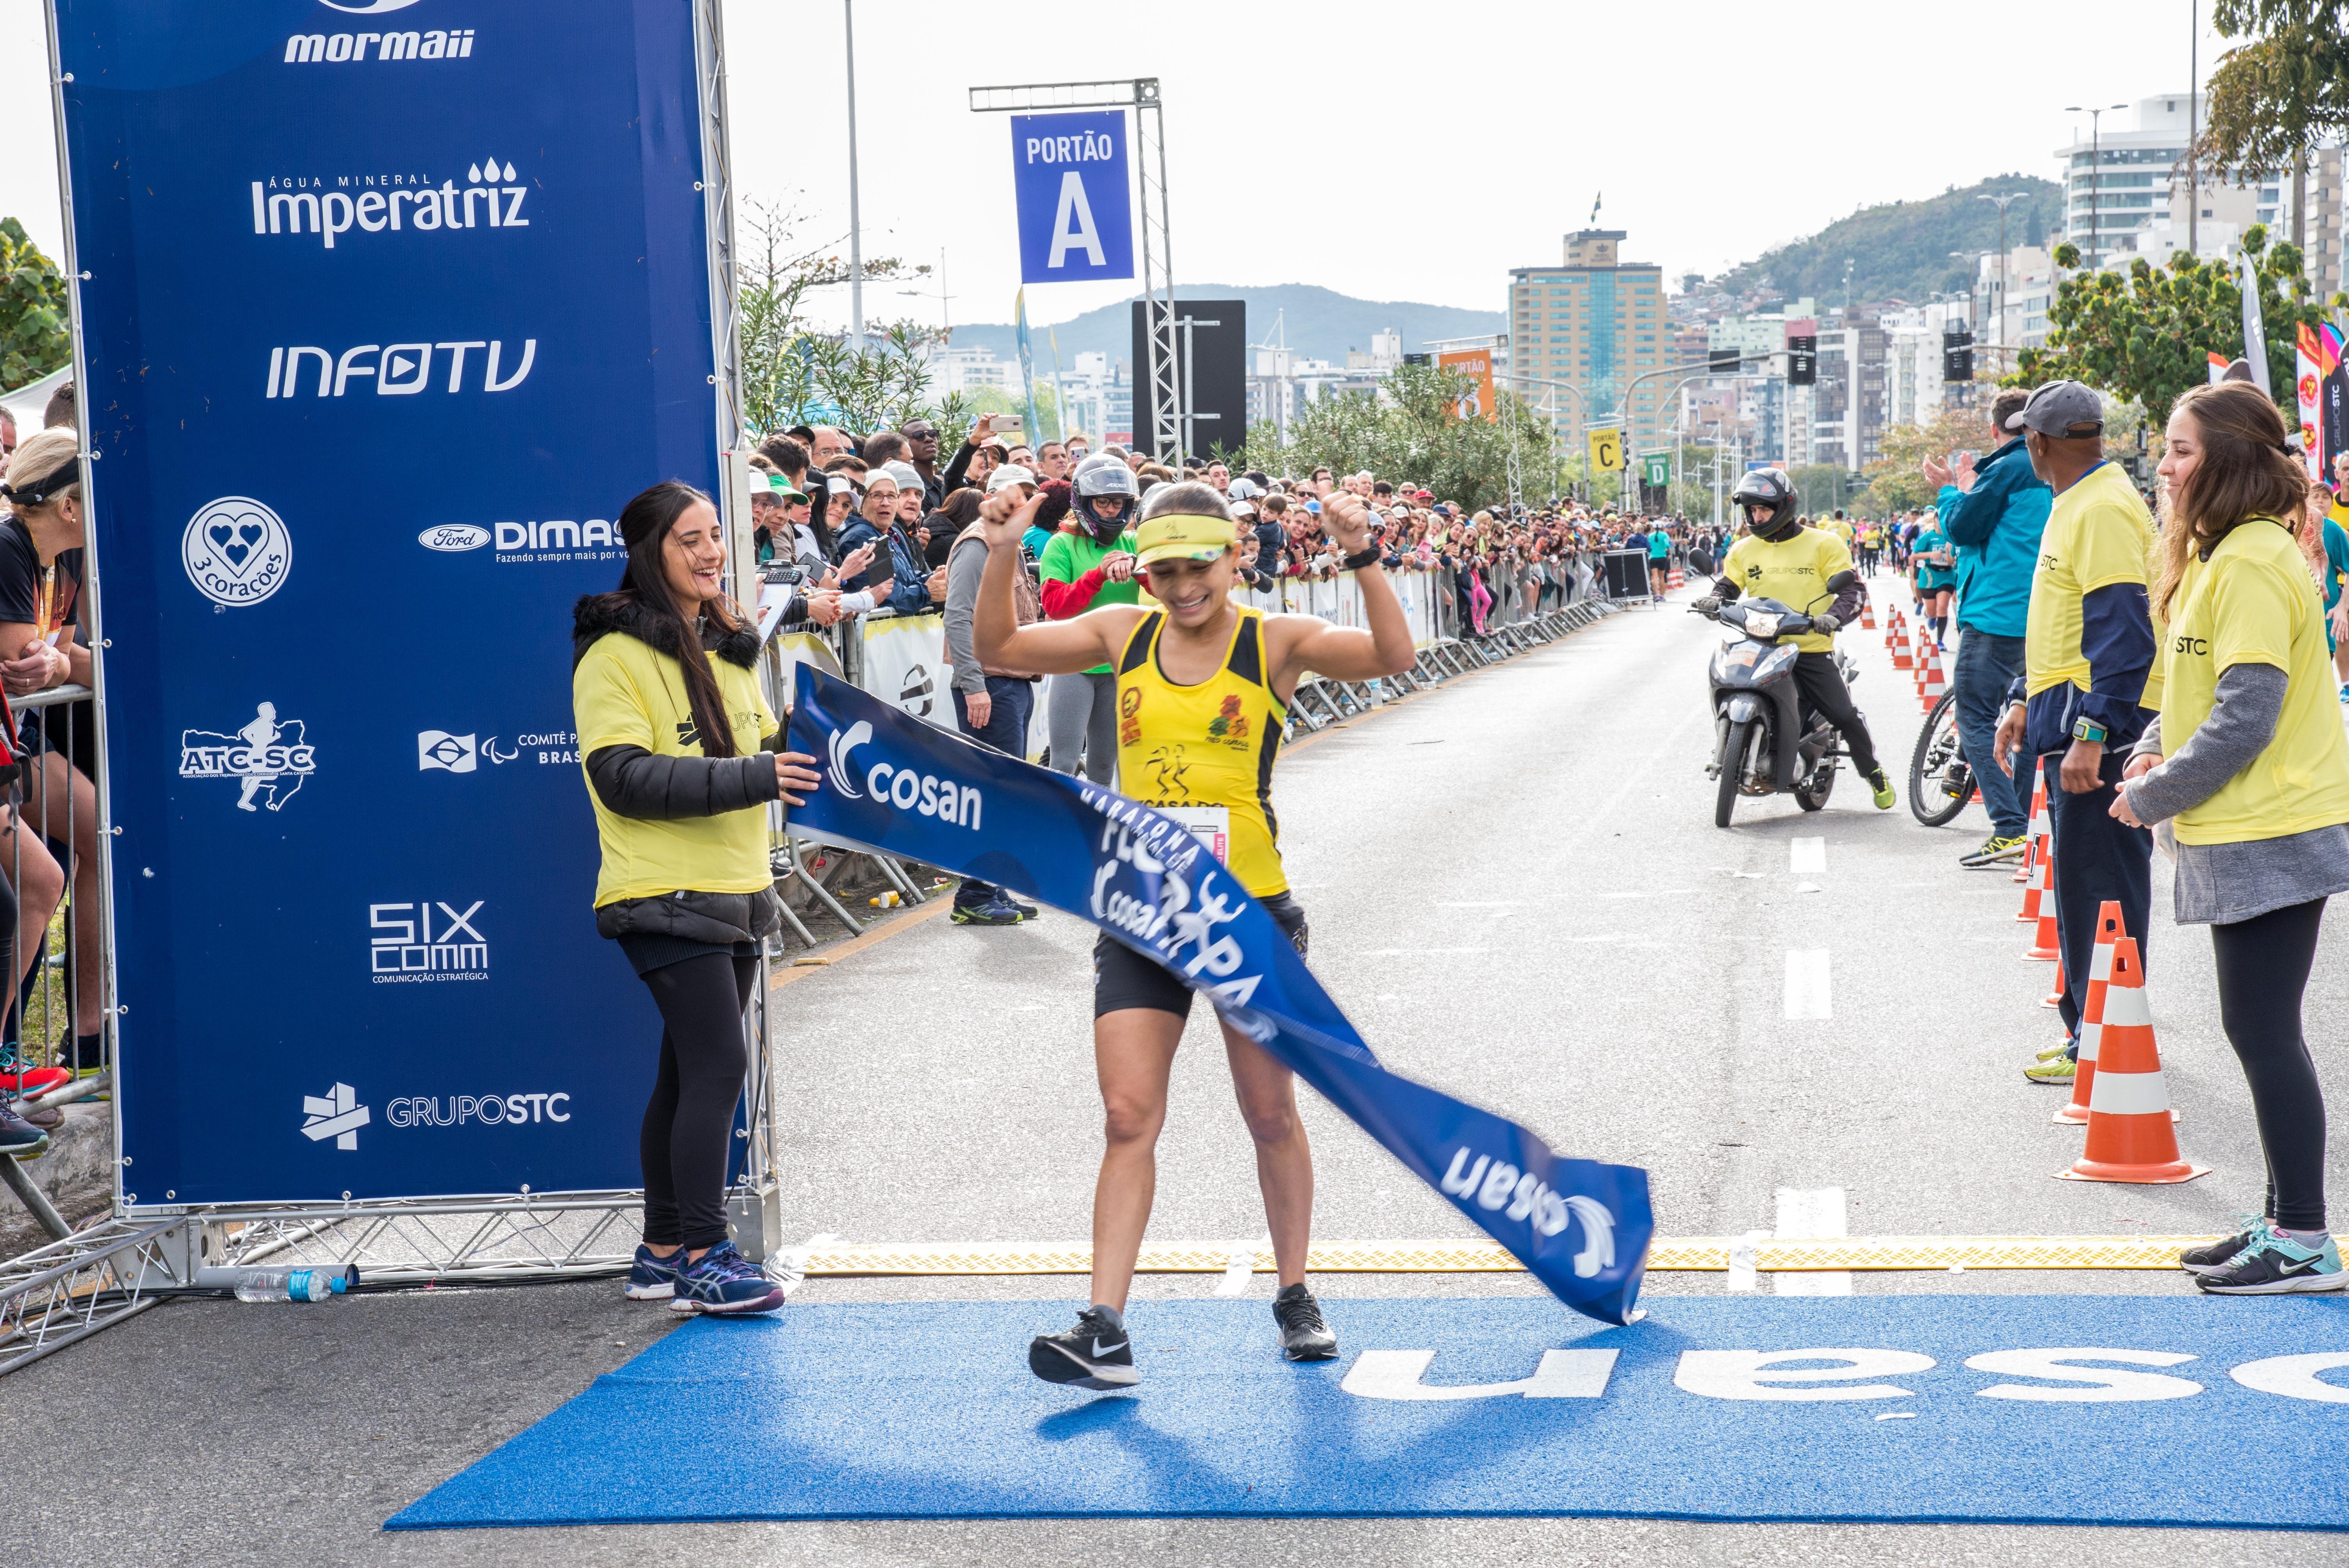 Adilson Dolberth e Janaina Santana são os campeões da Maratona Internacional de Floripa Cosan 2019